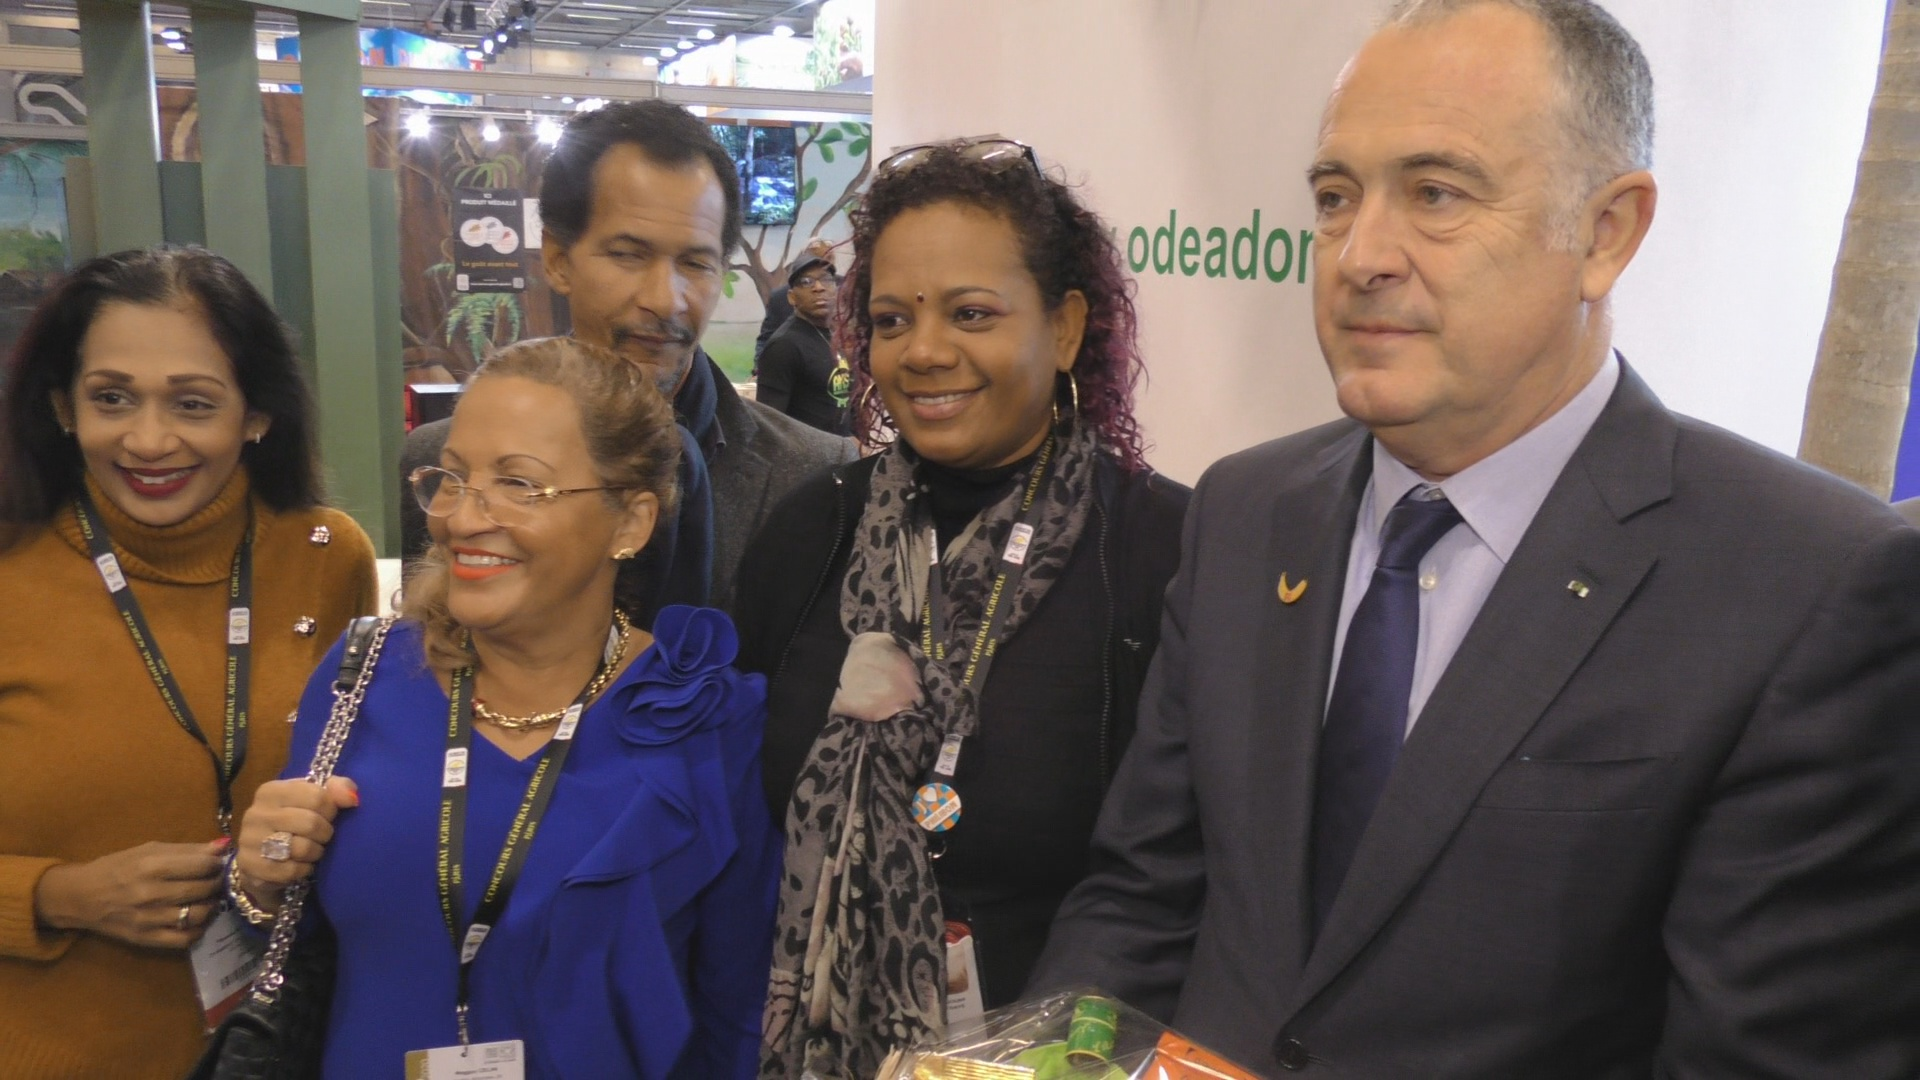 [Vidéo] Onews Spécial salon Agriculture interviews sur le stand Guadeloupe